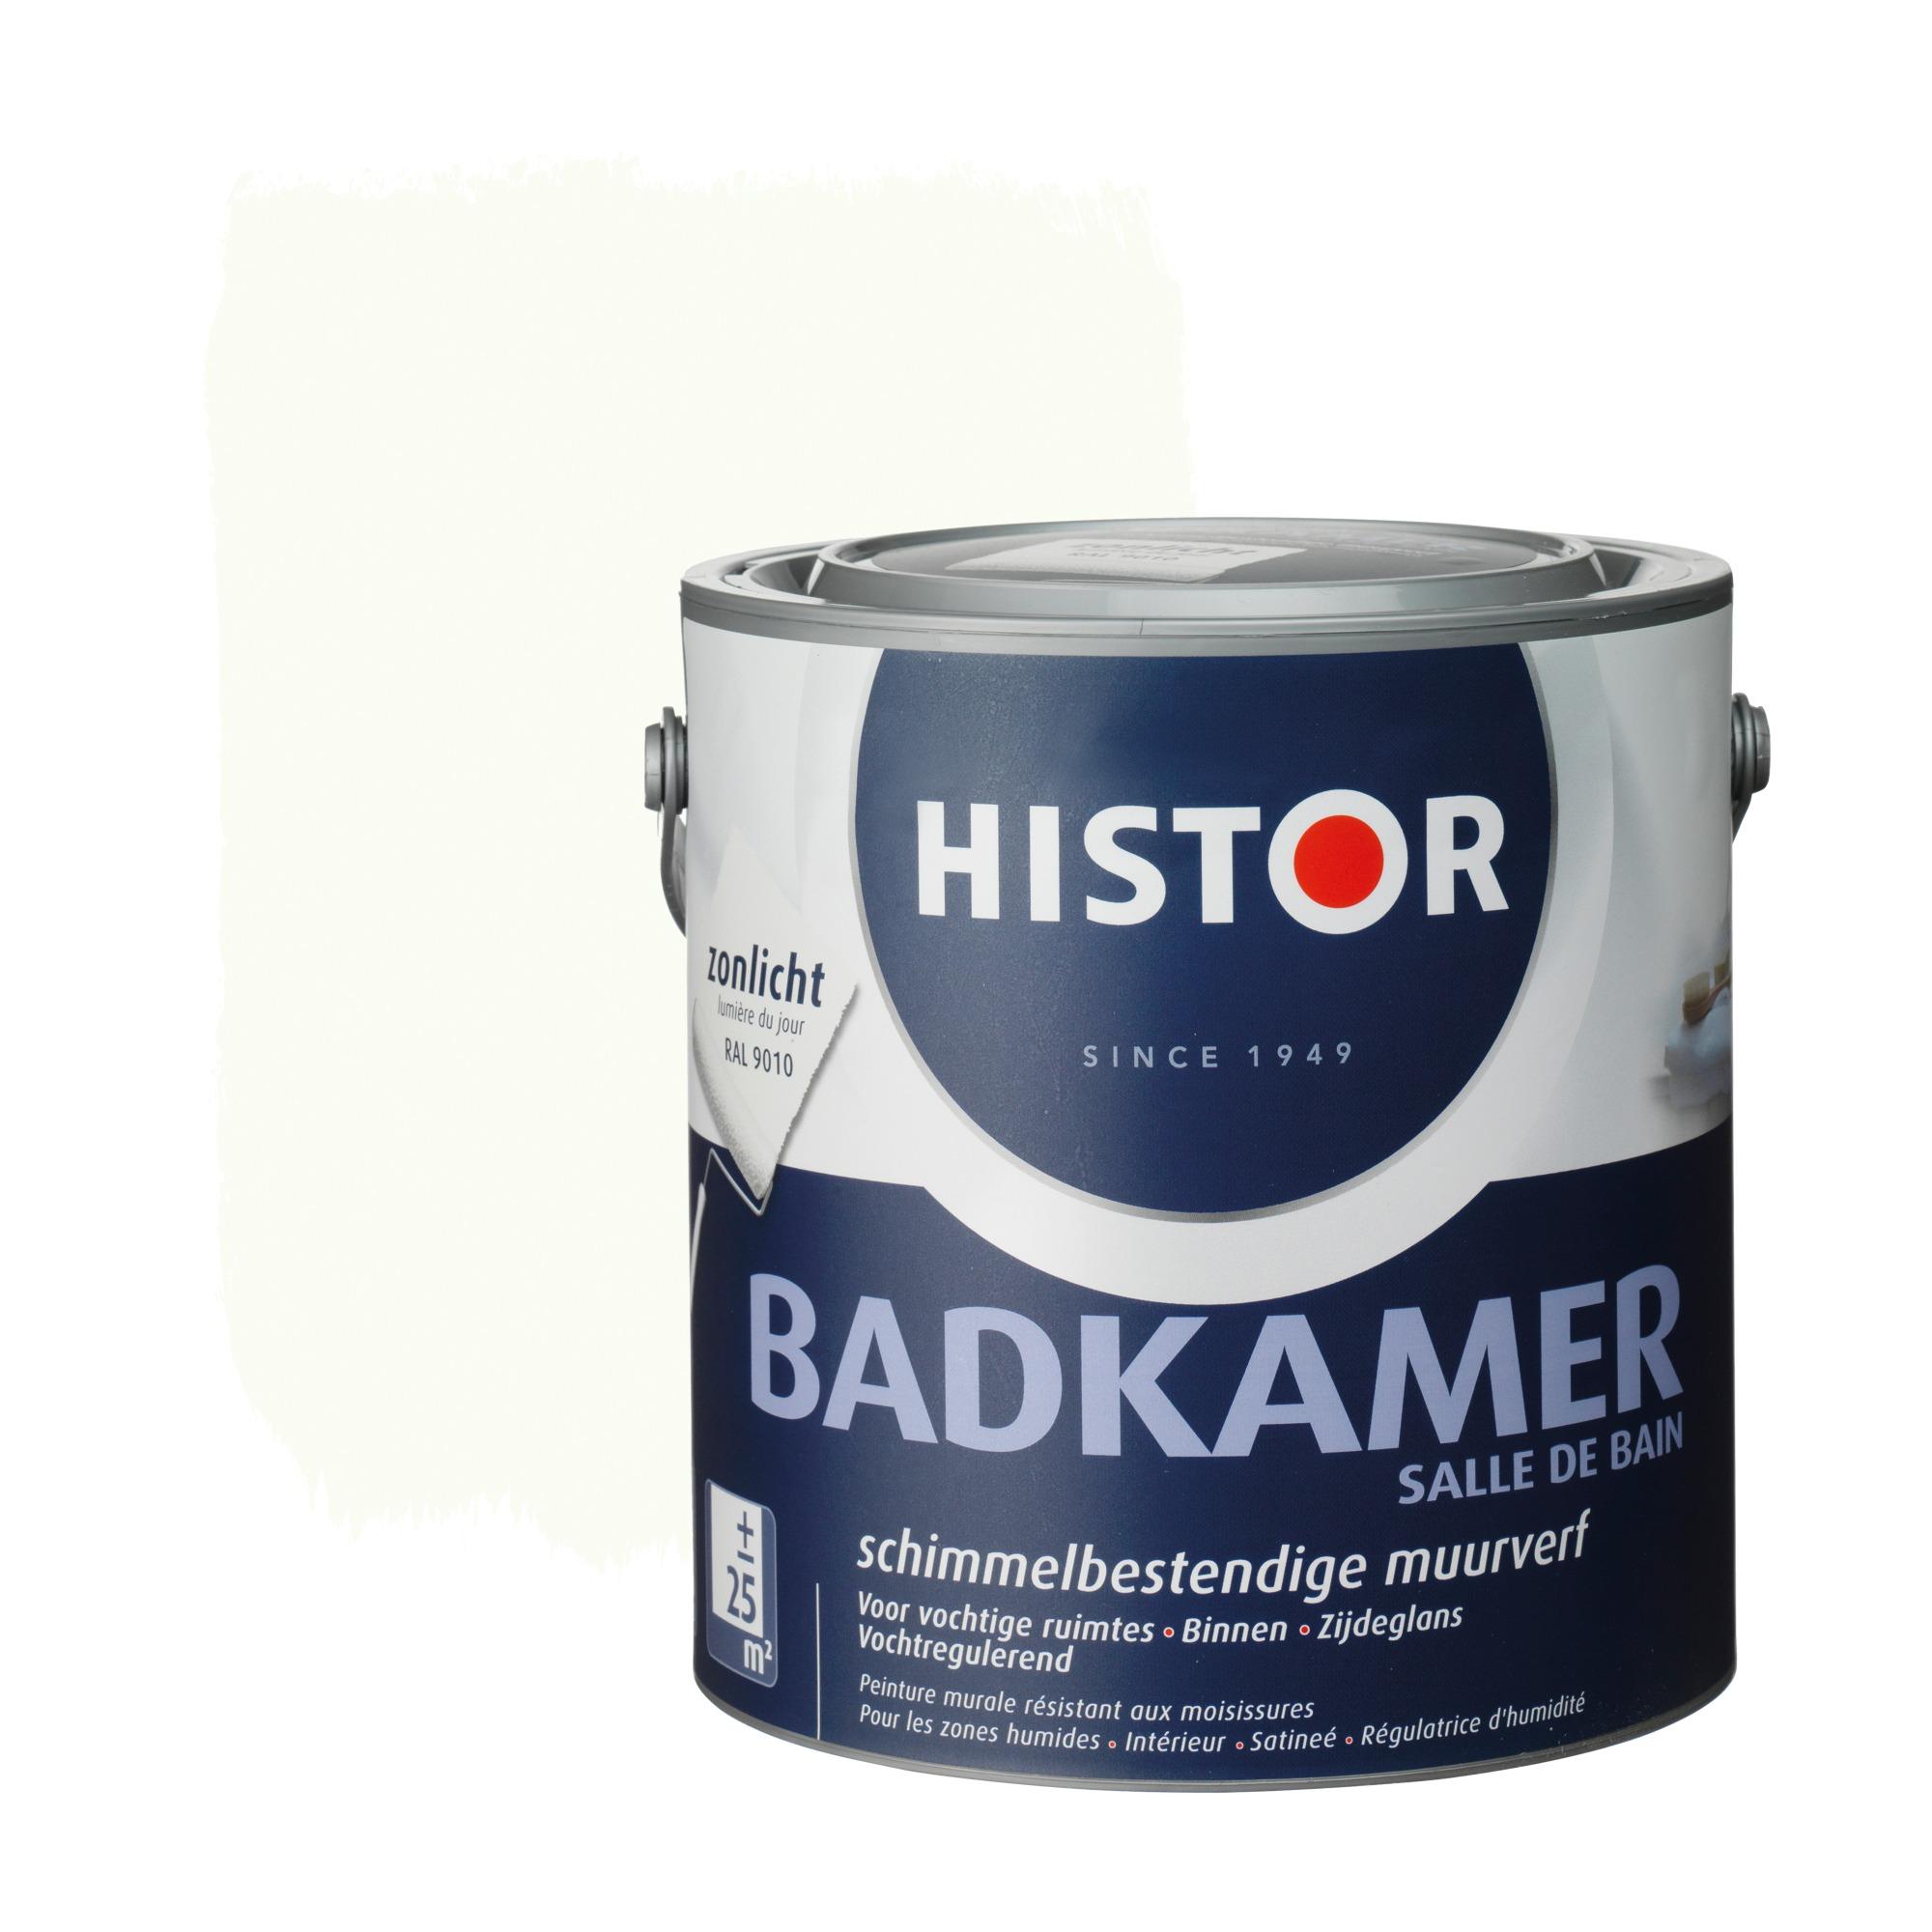 histor muurverf badkamer ral 9010 gebroken wit 2,5 liter, Badkamer